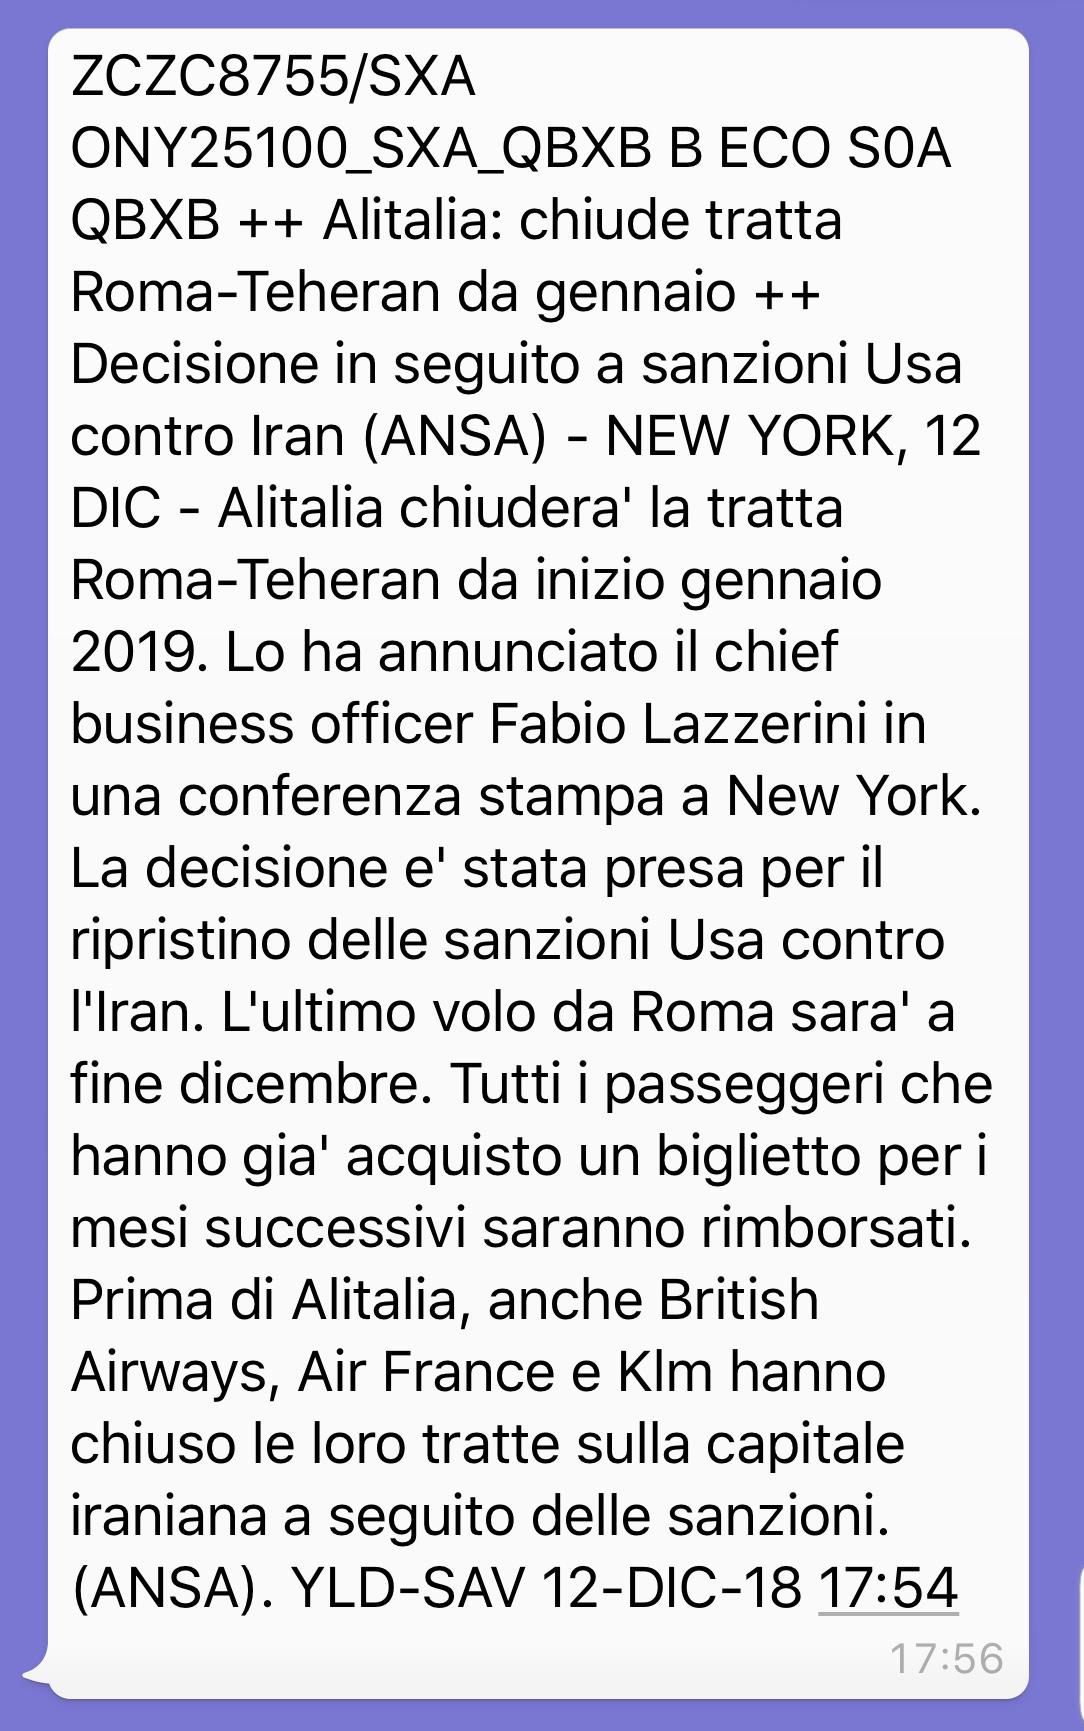 Alitalia, chiusa tratta Roma Tehran per embargo Usa. Un'offe